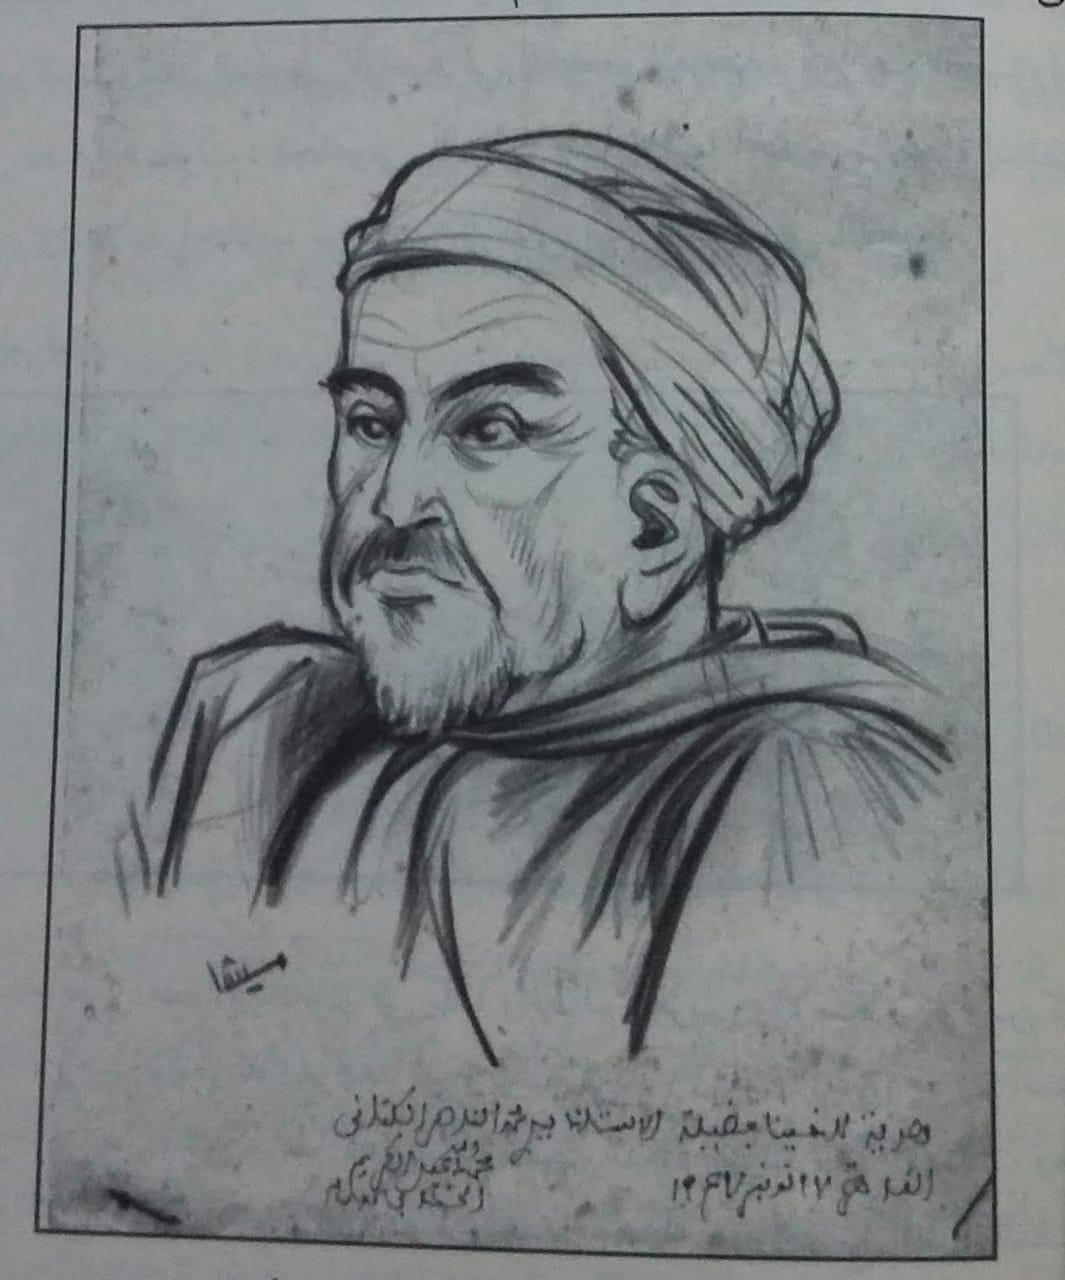 الرسالة التي لم تصل .. من الأمير ابن عبد الكريم إلى السلطان محمد الخامس